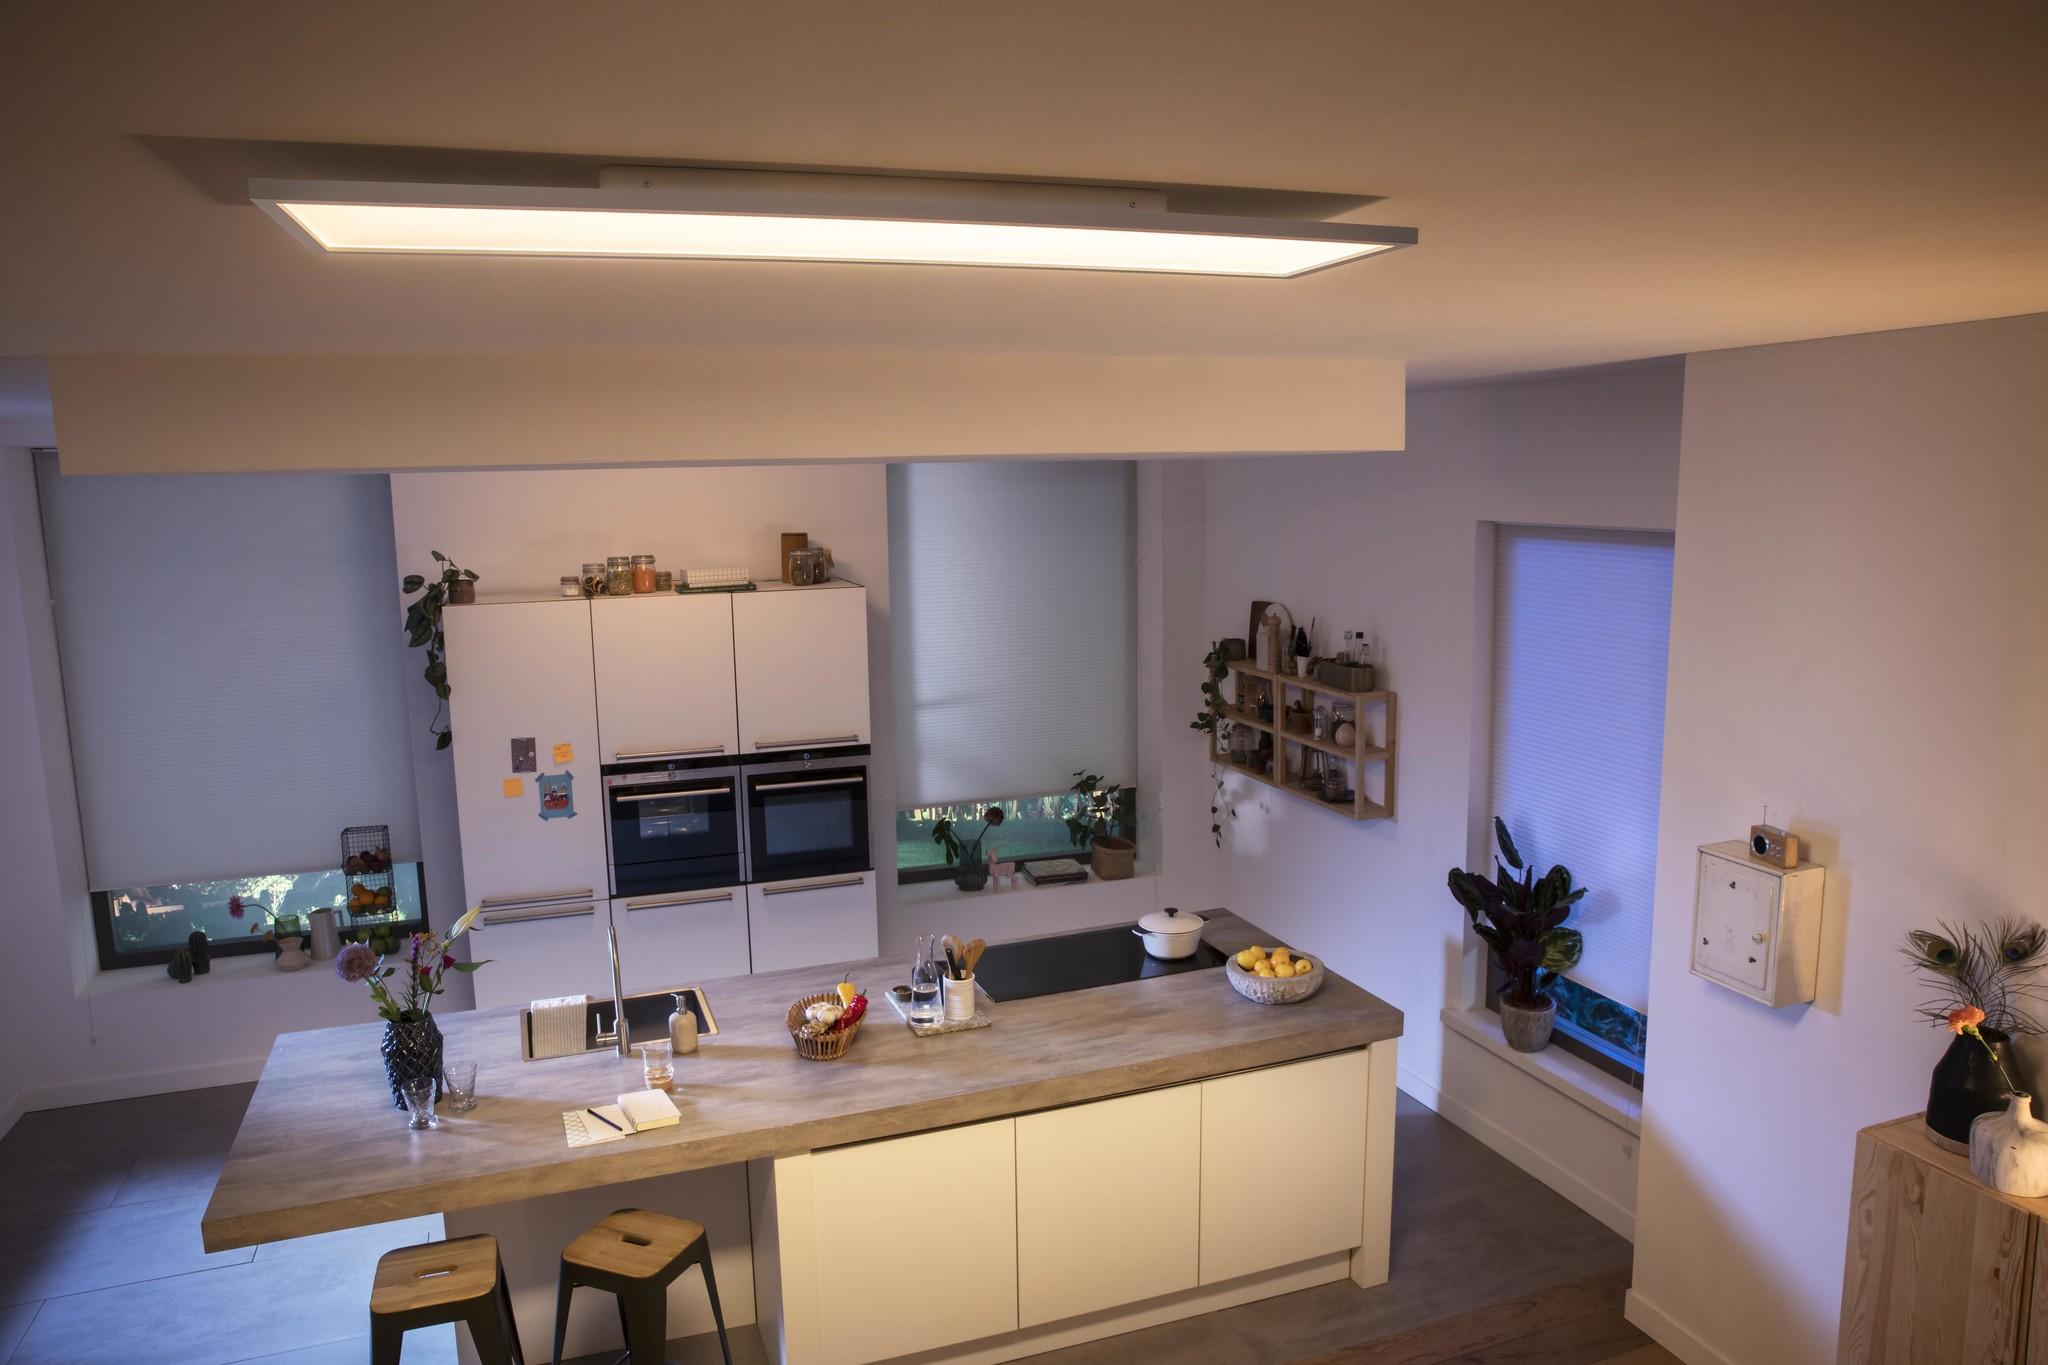 Nieuw Keukenverlichting - Van den Heuvel Verlichting OV-79